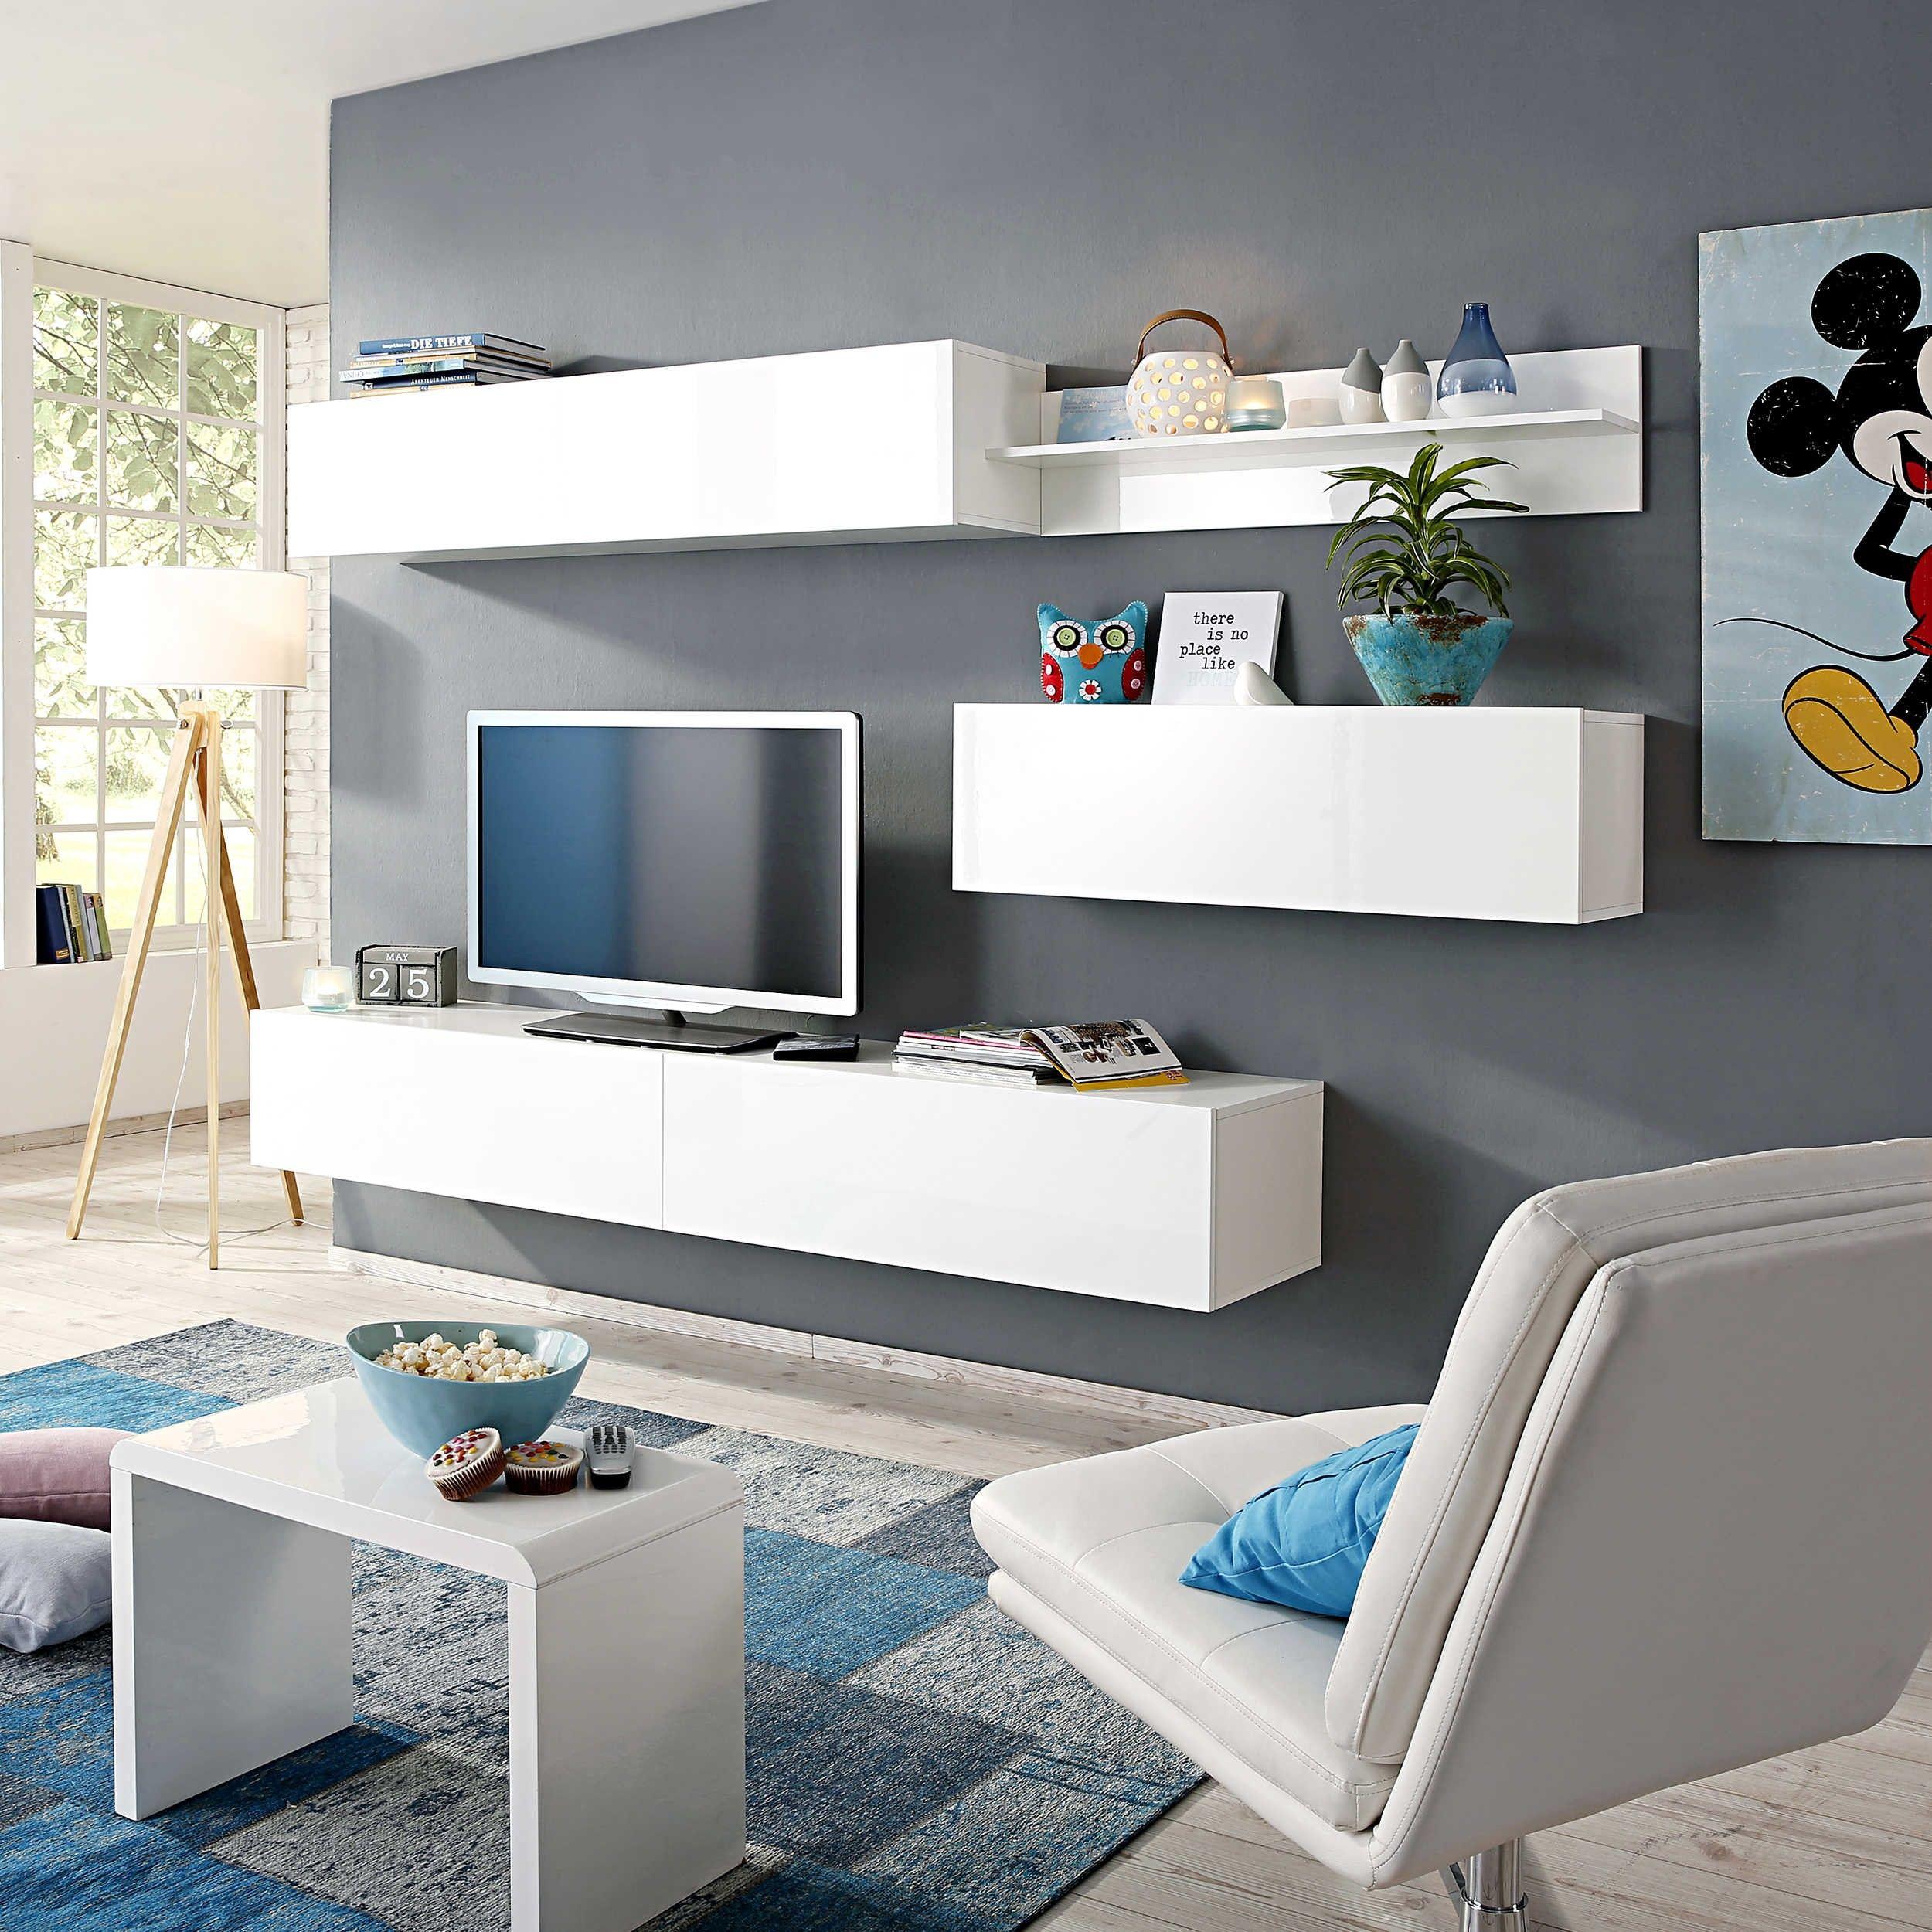 Uberlegen Wohnwand New Paint   Wohnwände   Wohnwände U0026 TV Lowboards   Wohnzimmer    Möbel